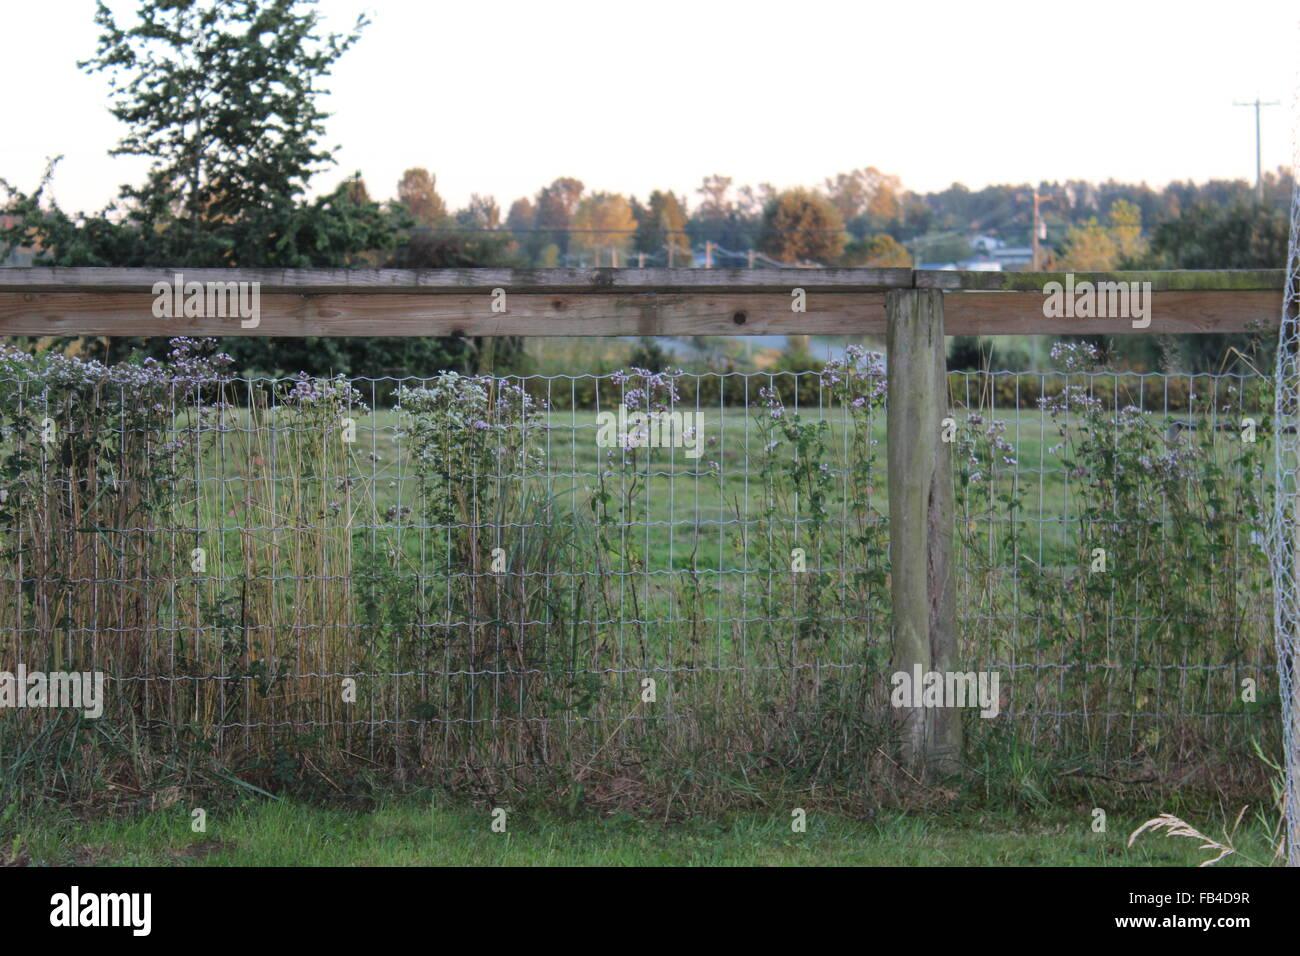 Farm Fence at Dusk - Stock Image